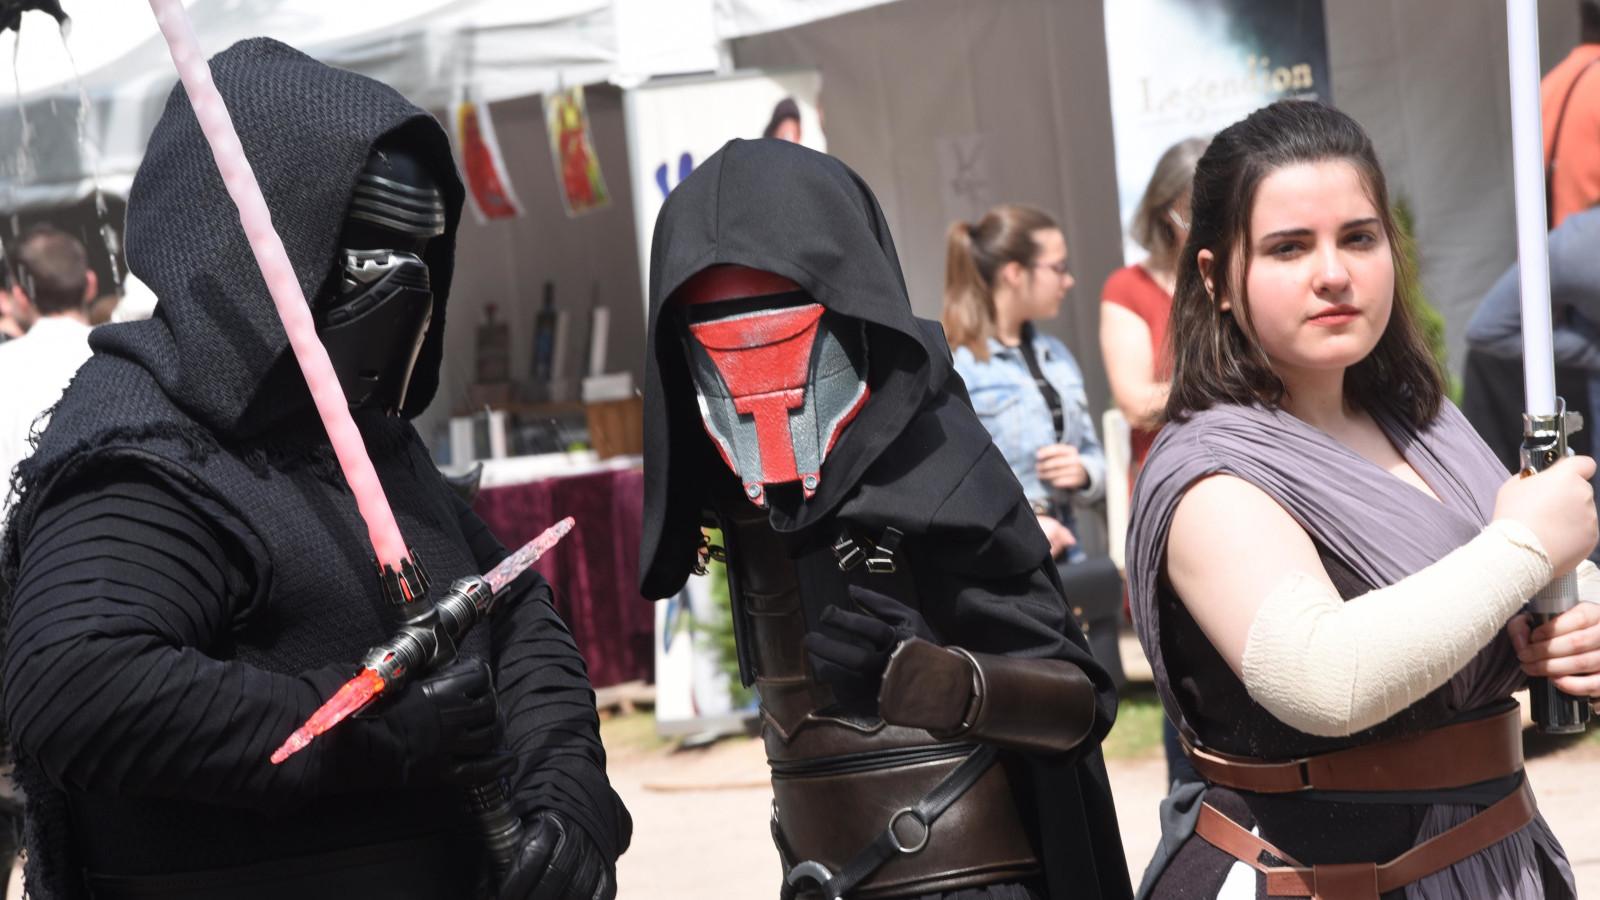 Des personnages emblématiques de la saga Star Wars avaient fait le déplacement.